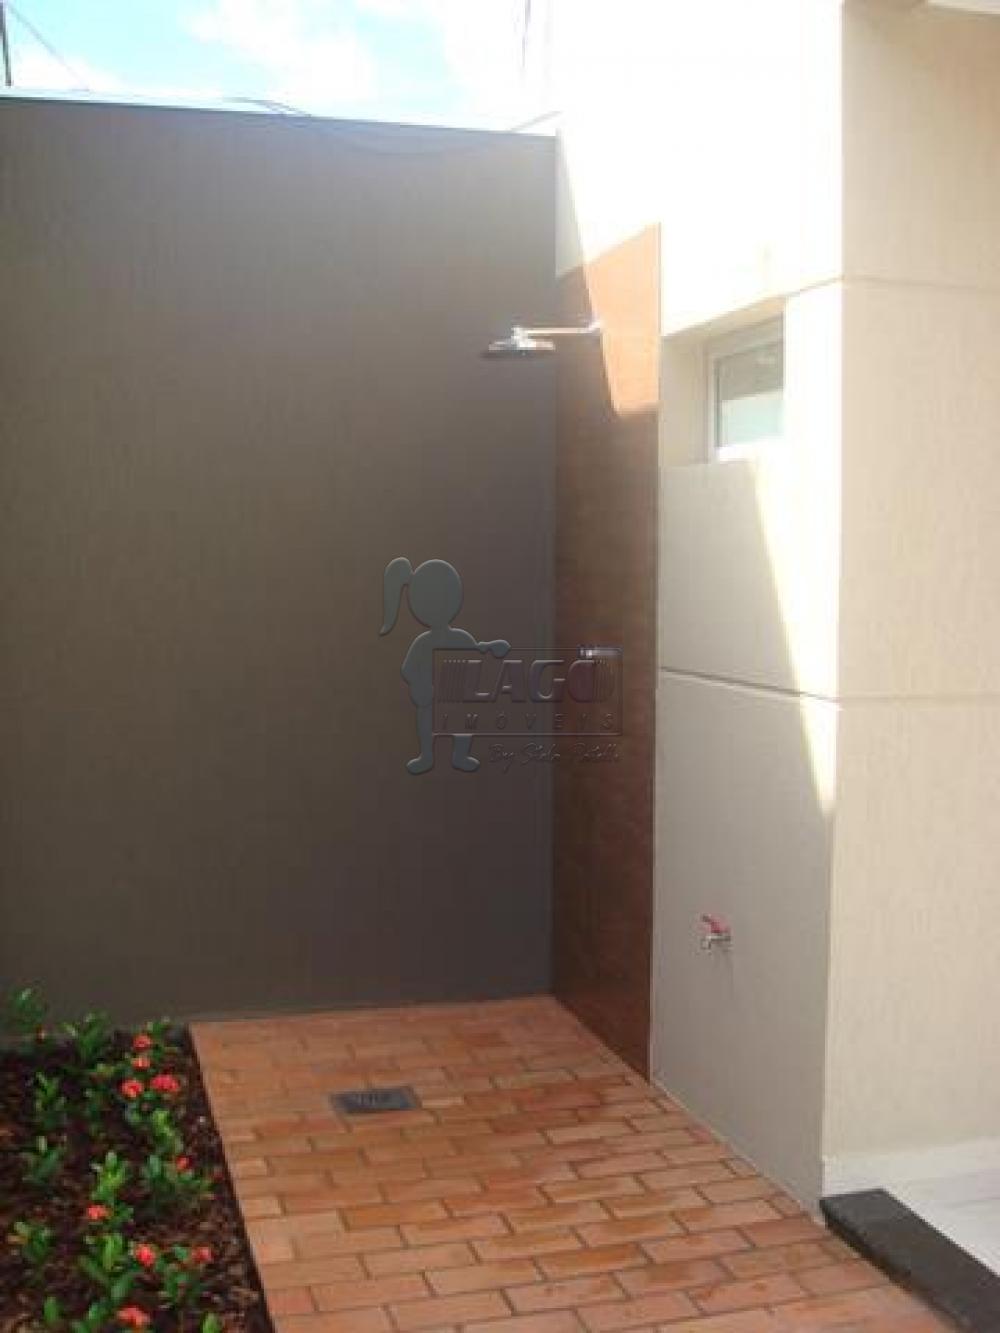 Comprar Casas / Padrão em Bonfim Paulista apenas R$ 500.000,00 - Foto 17